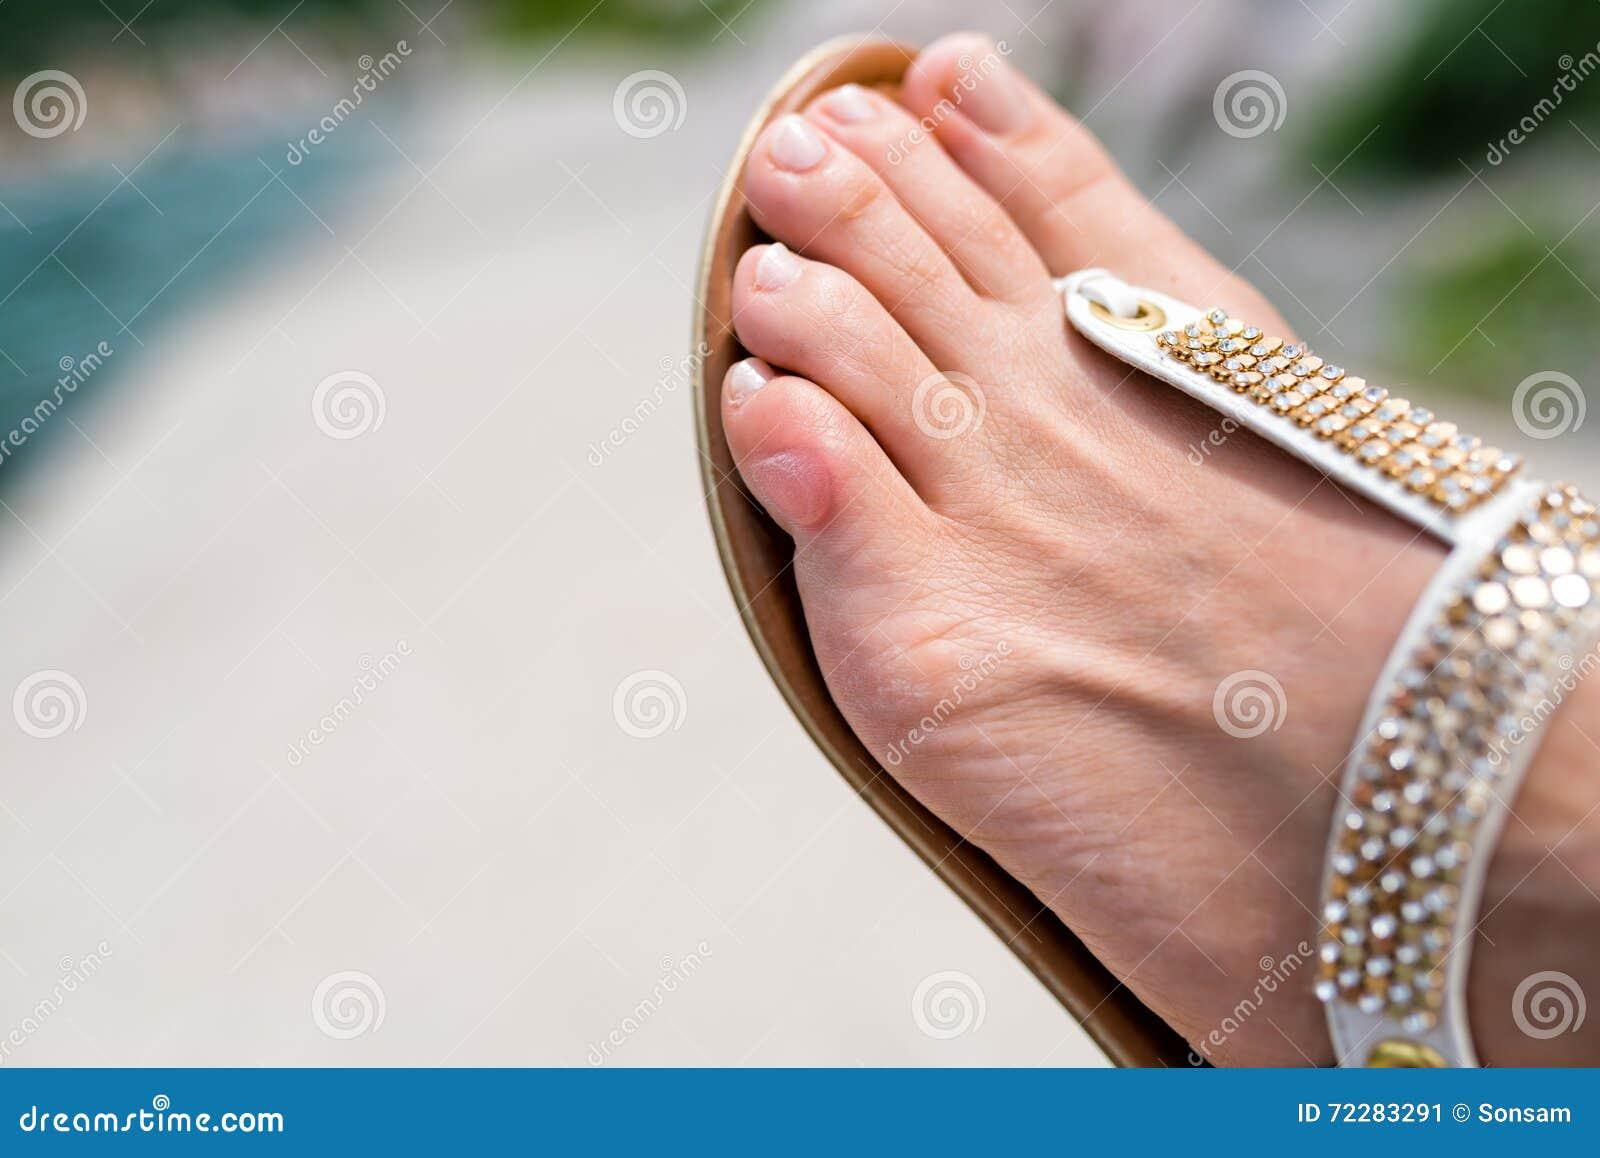 Download Закройте вверх пальца ноги человека с волдырем Стоковое Изображение - изображение насчитывающей причинено, треснуто: 72283291